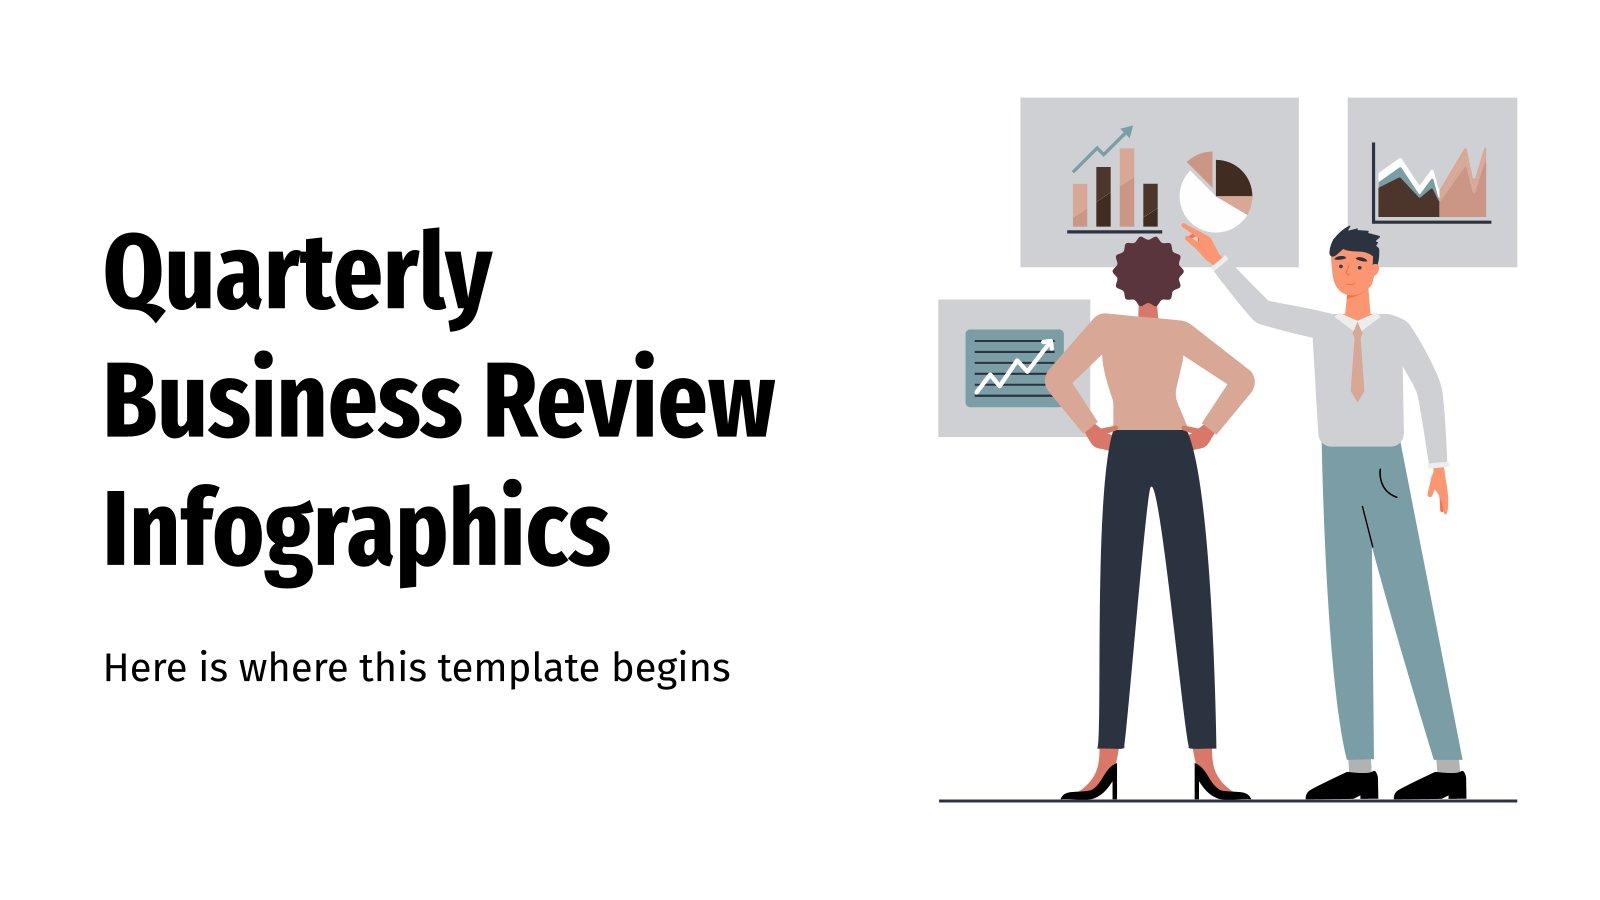 Modelo de apresentação Infográficos da revisão trimestral de negócios